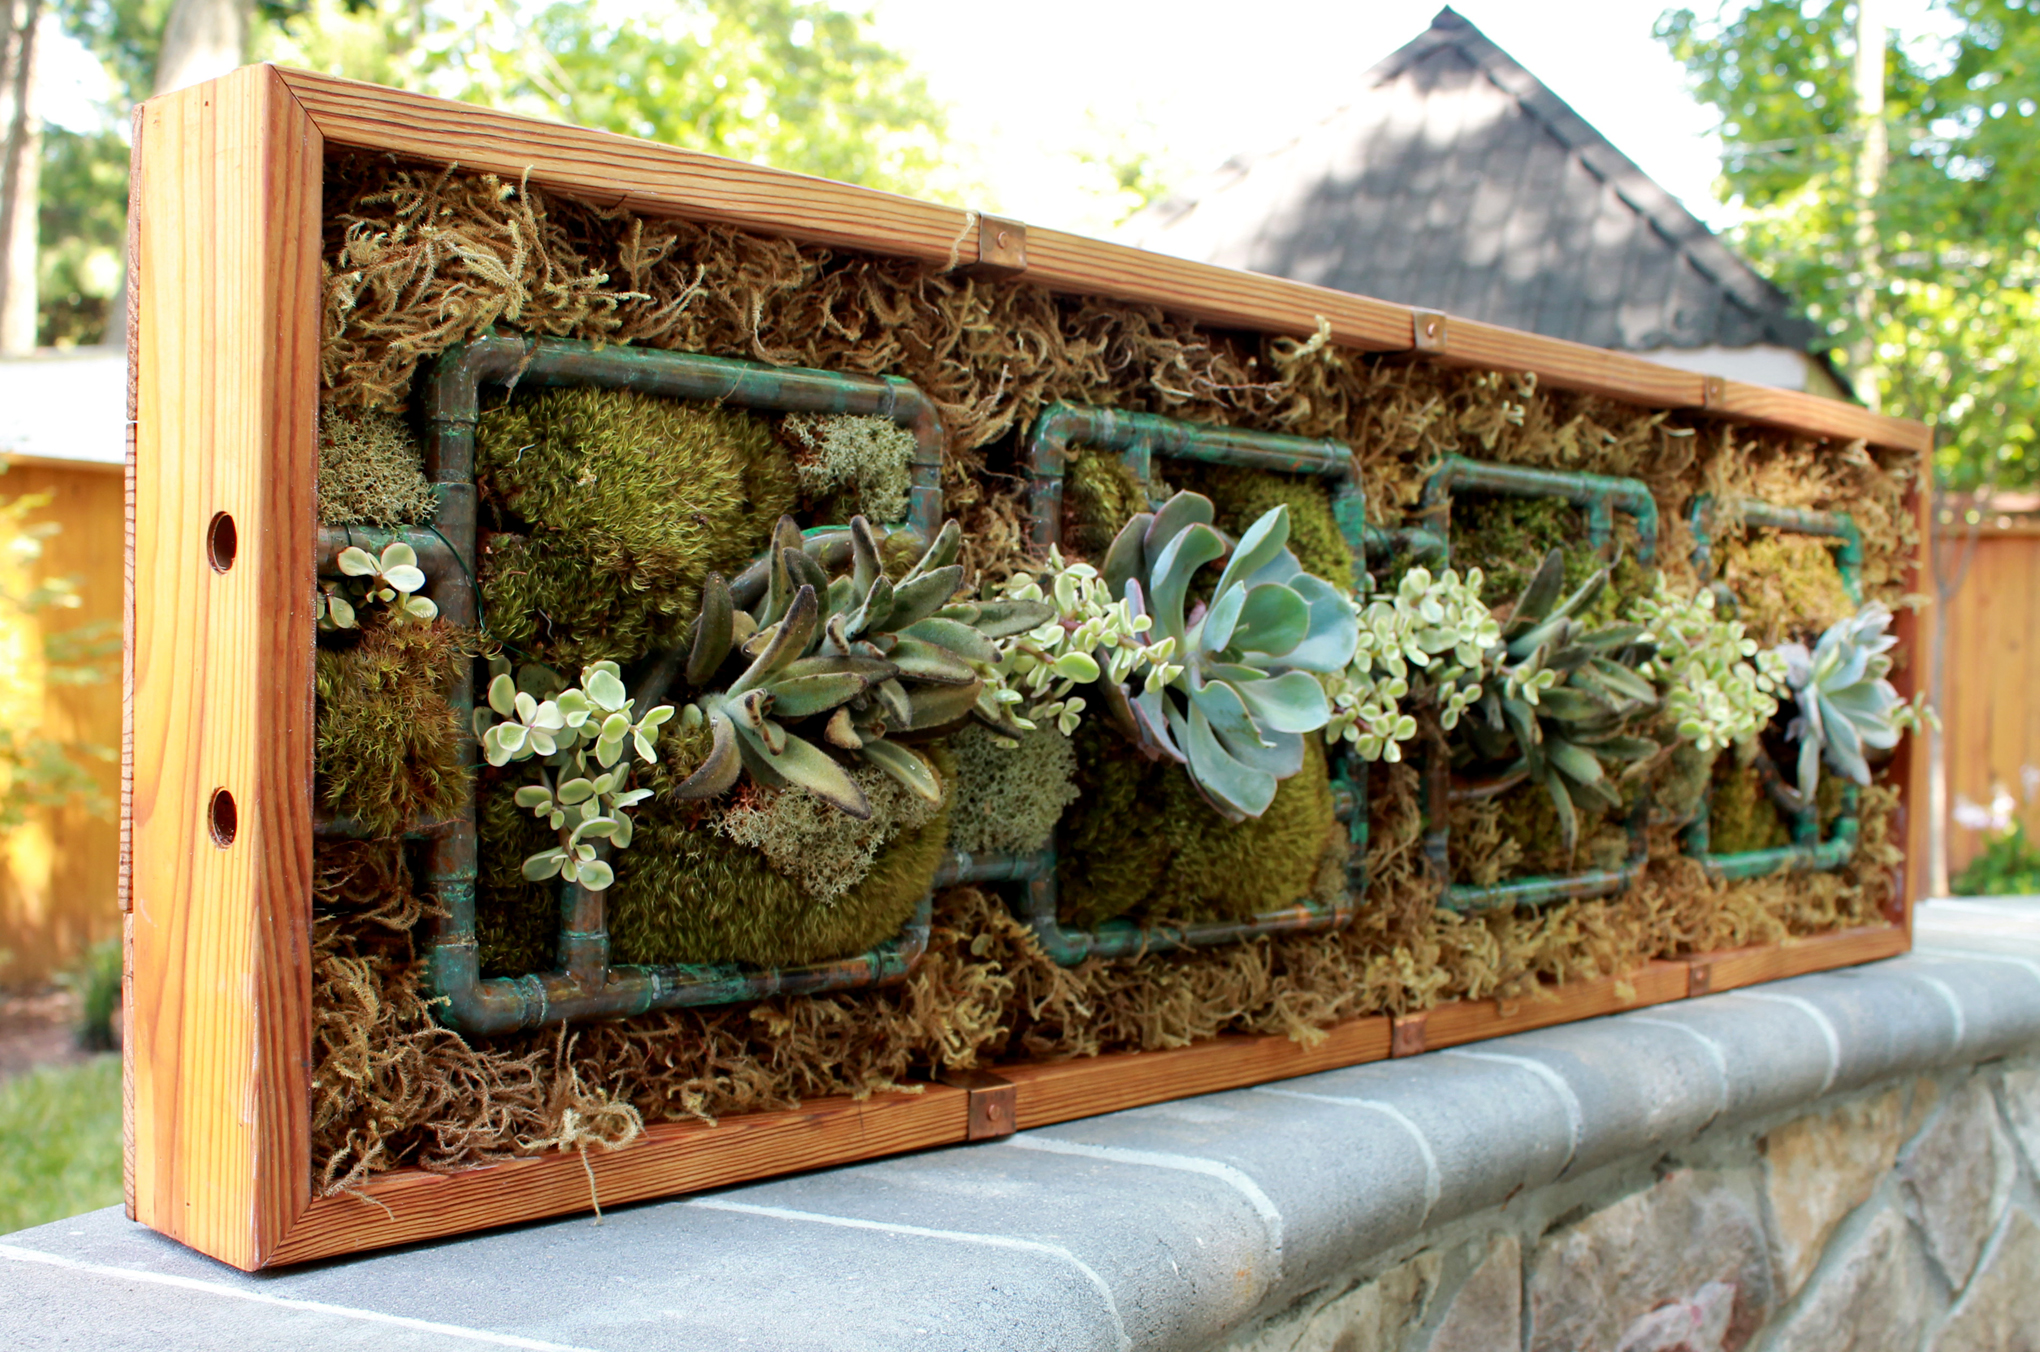 Copper and pine planter box